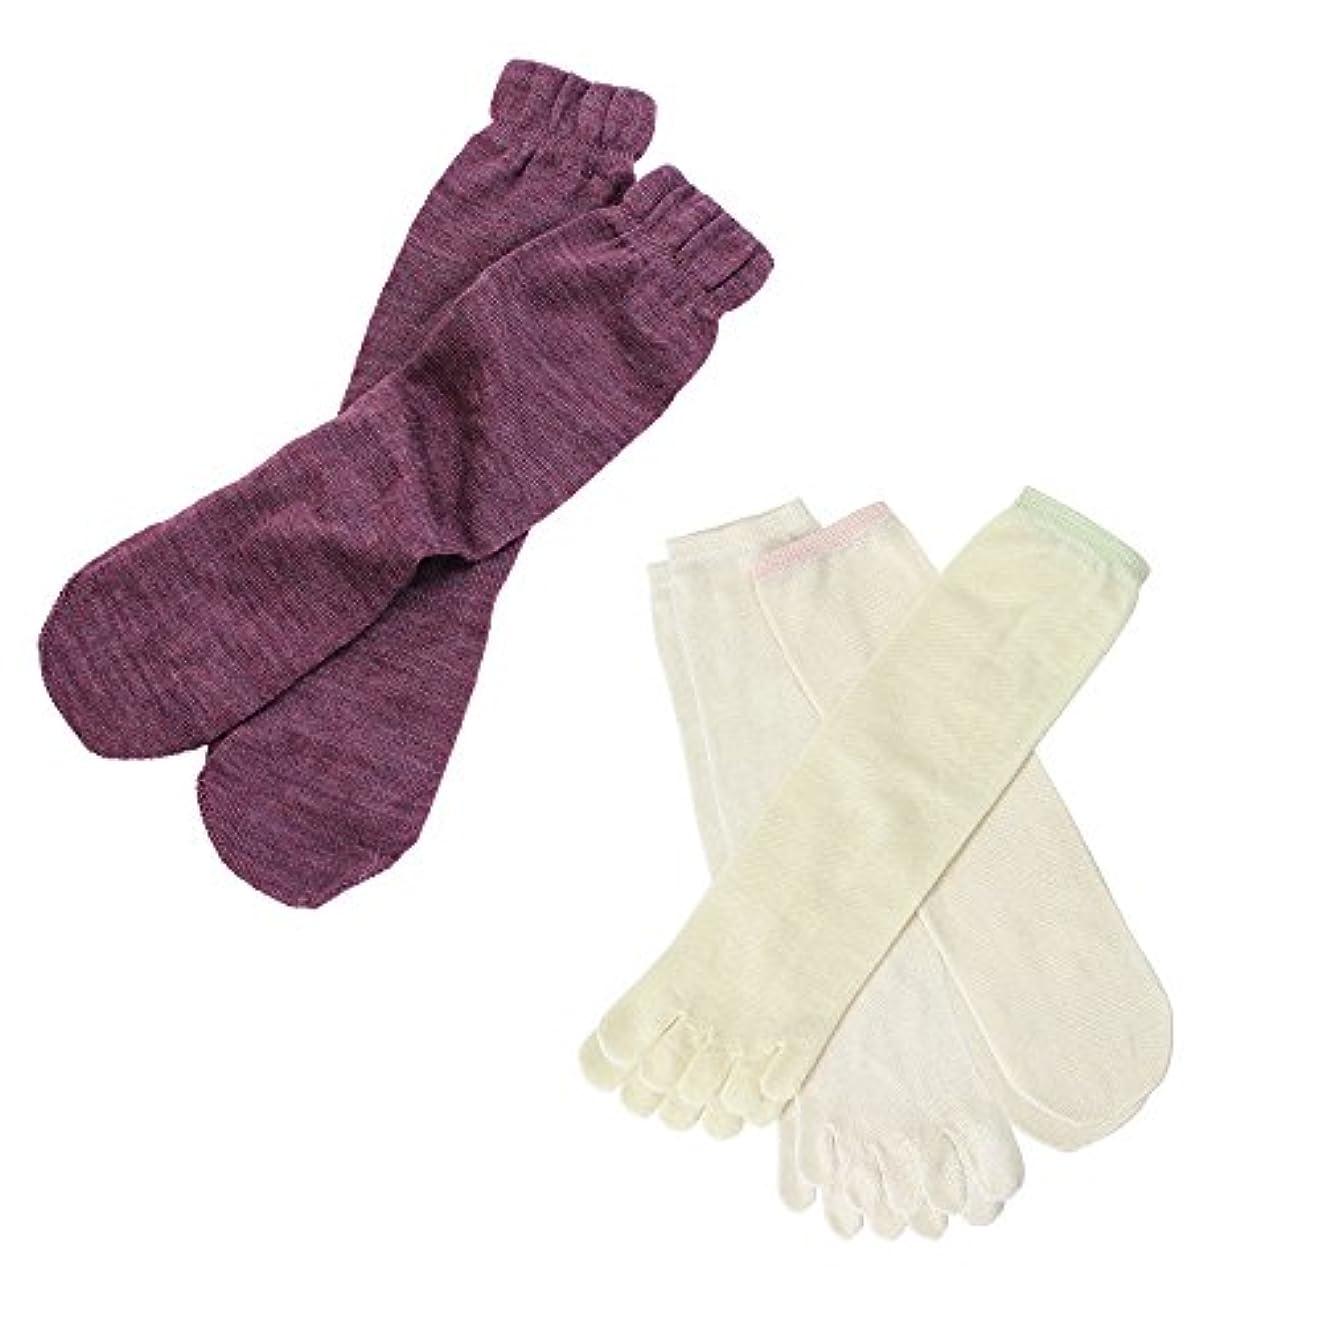 流行鳴らすアベニューhiorie(ヒオリエ) 日本製 冷えとり靴下 シルク&ウール 5本指ソックス(重ねばき専用 4足セット) 正絹